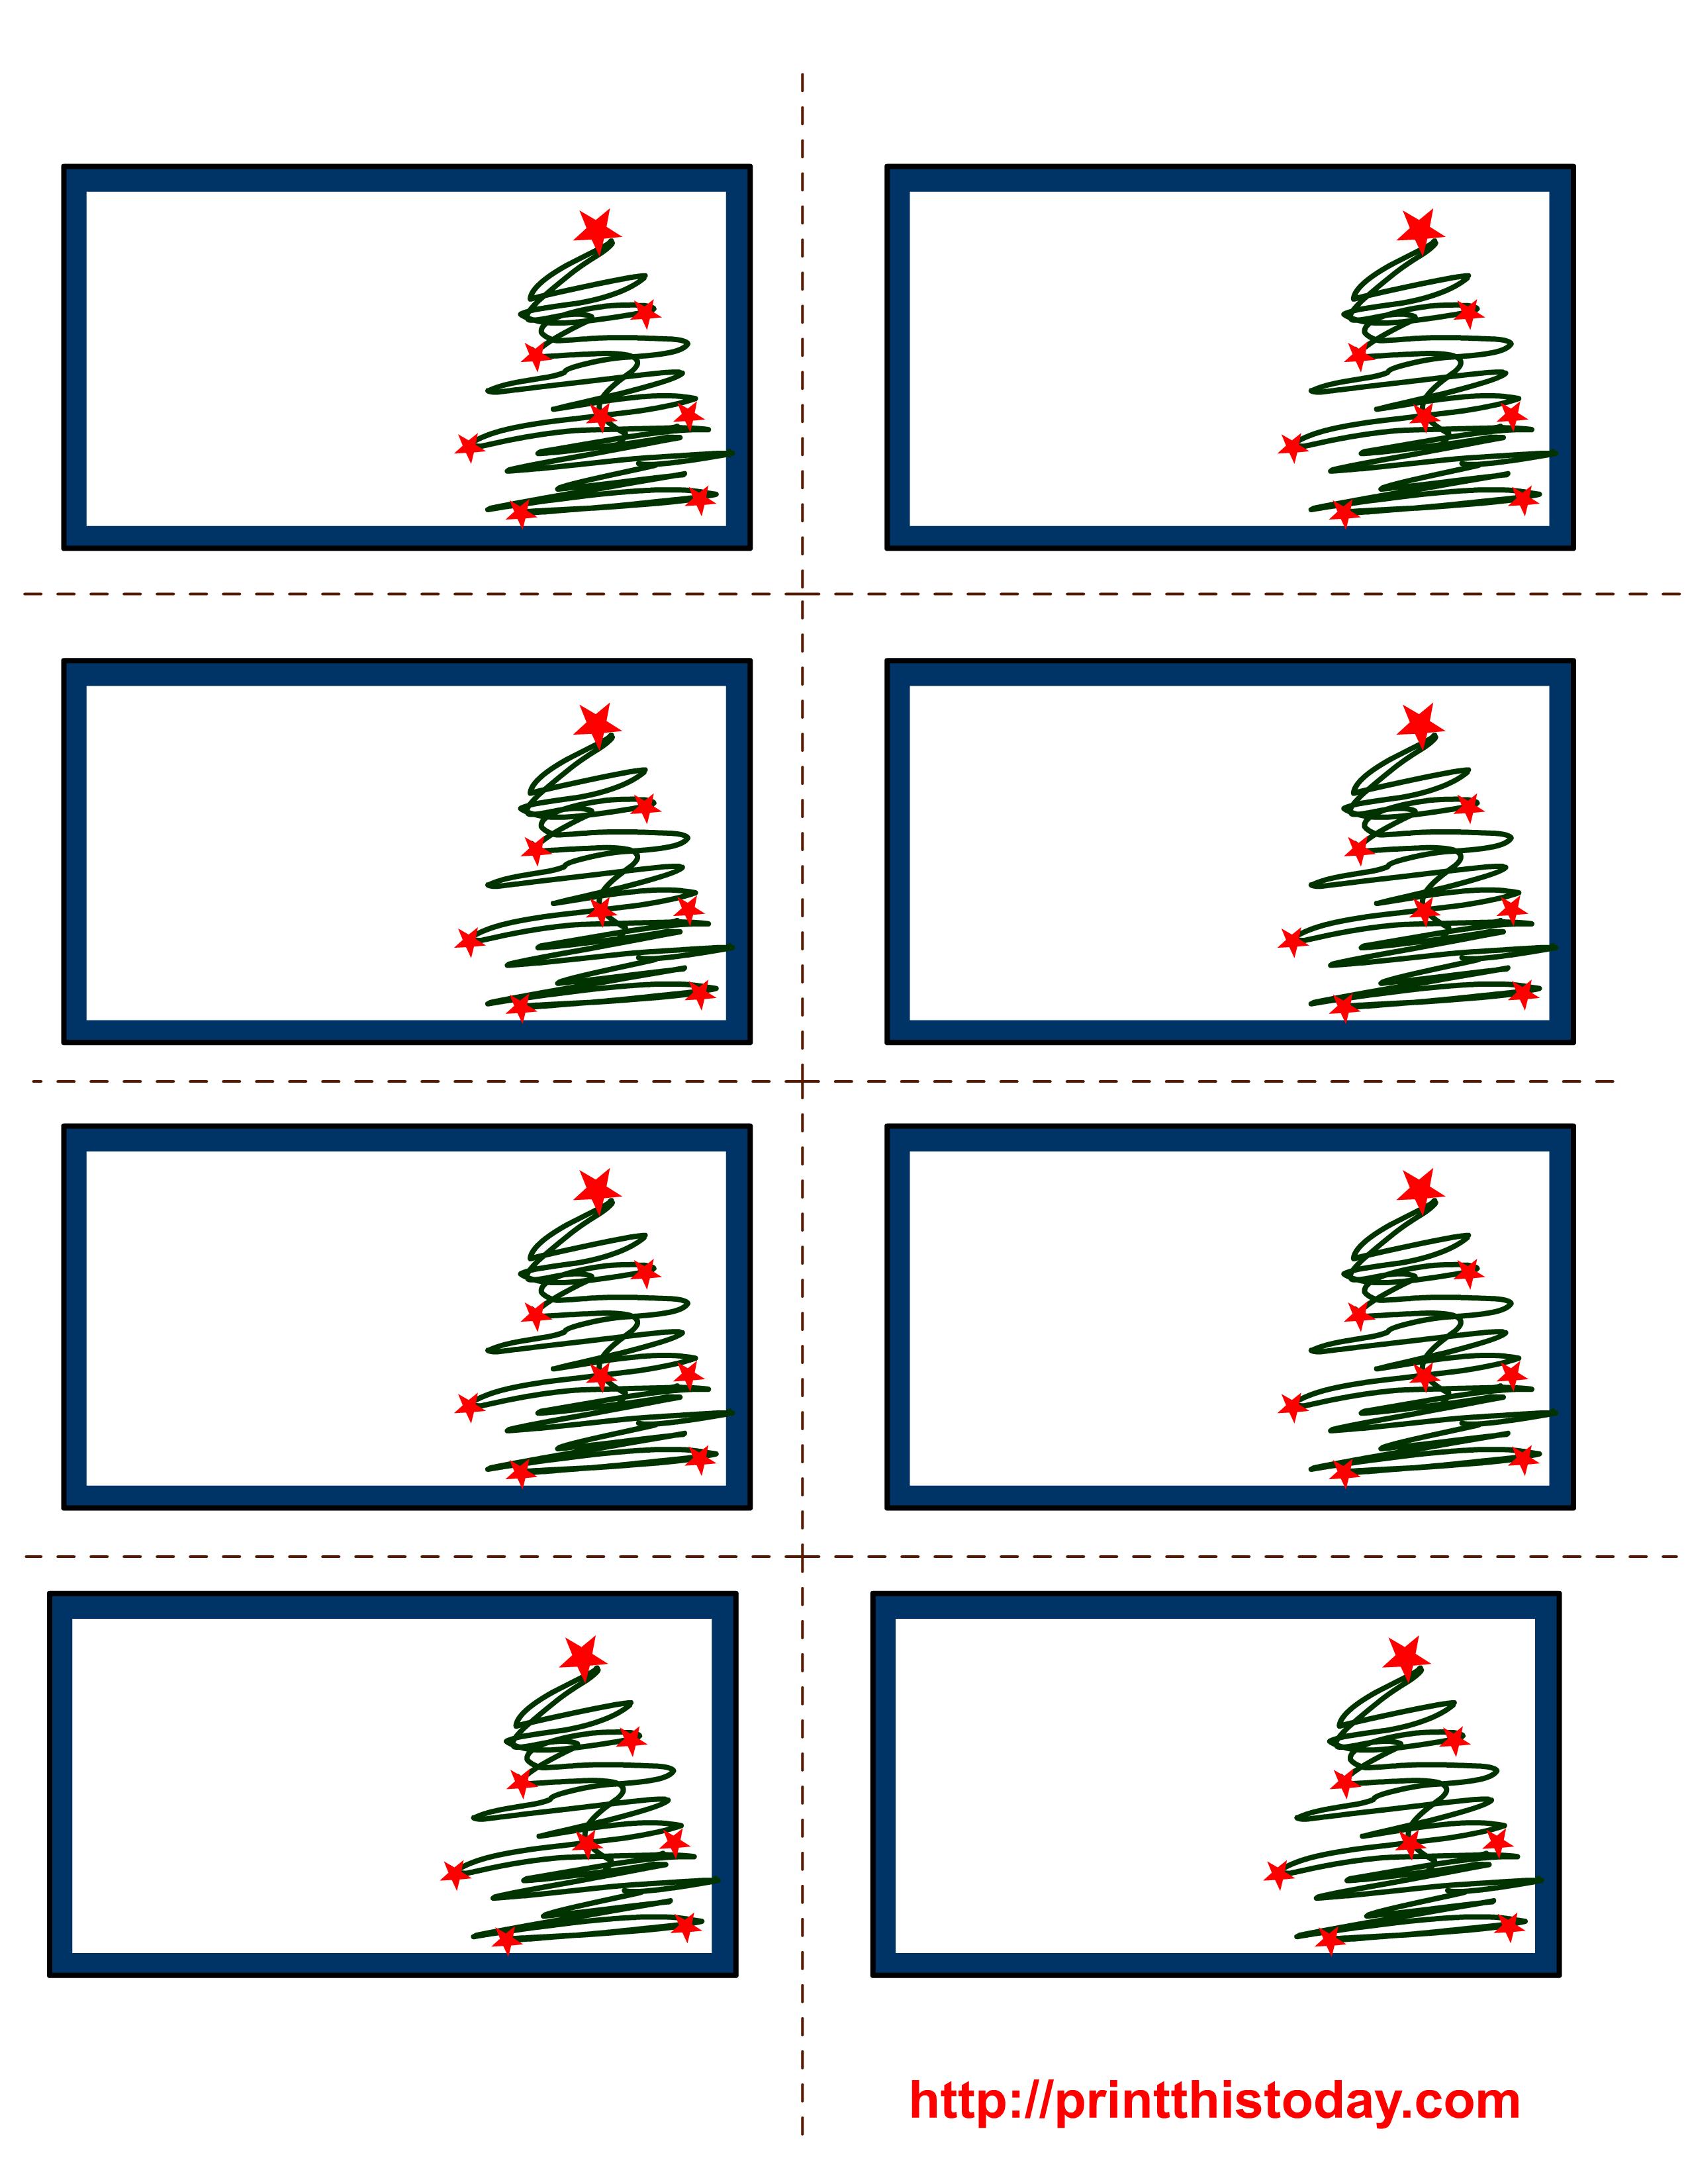 Free Labels Printable | Free Printable Christmas Labels With Trees - Free Printable Christmas Labels